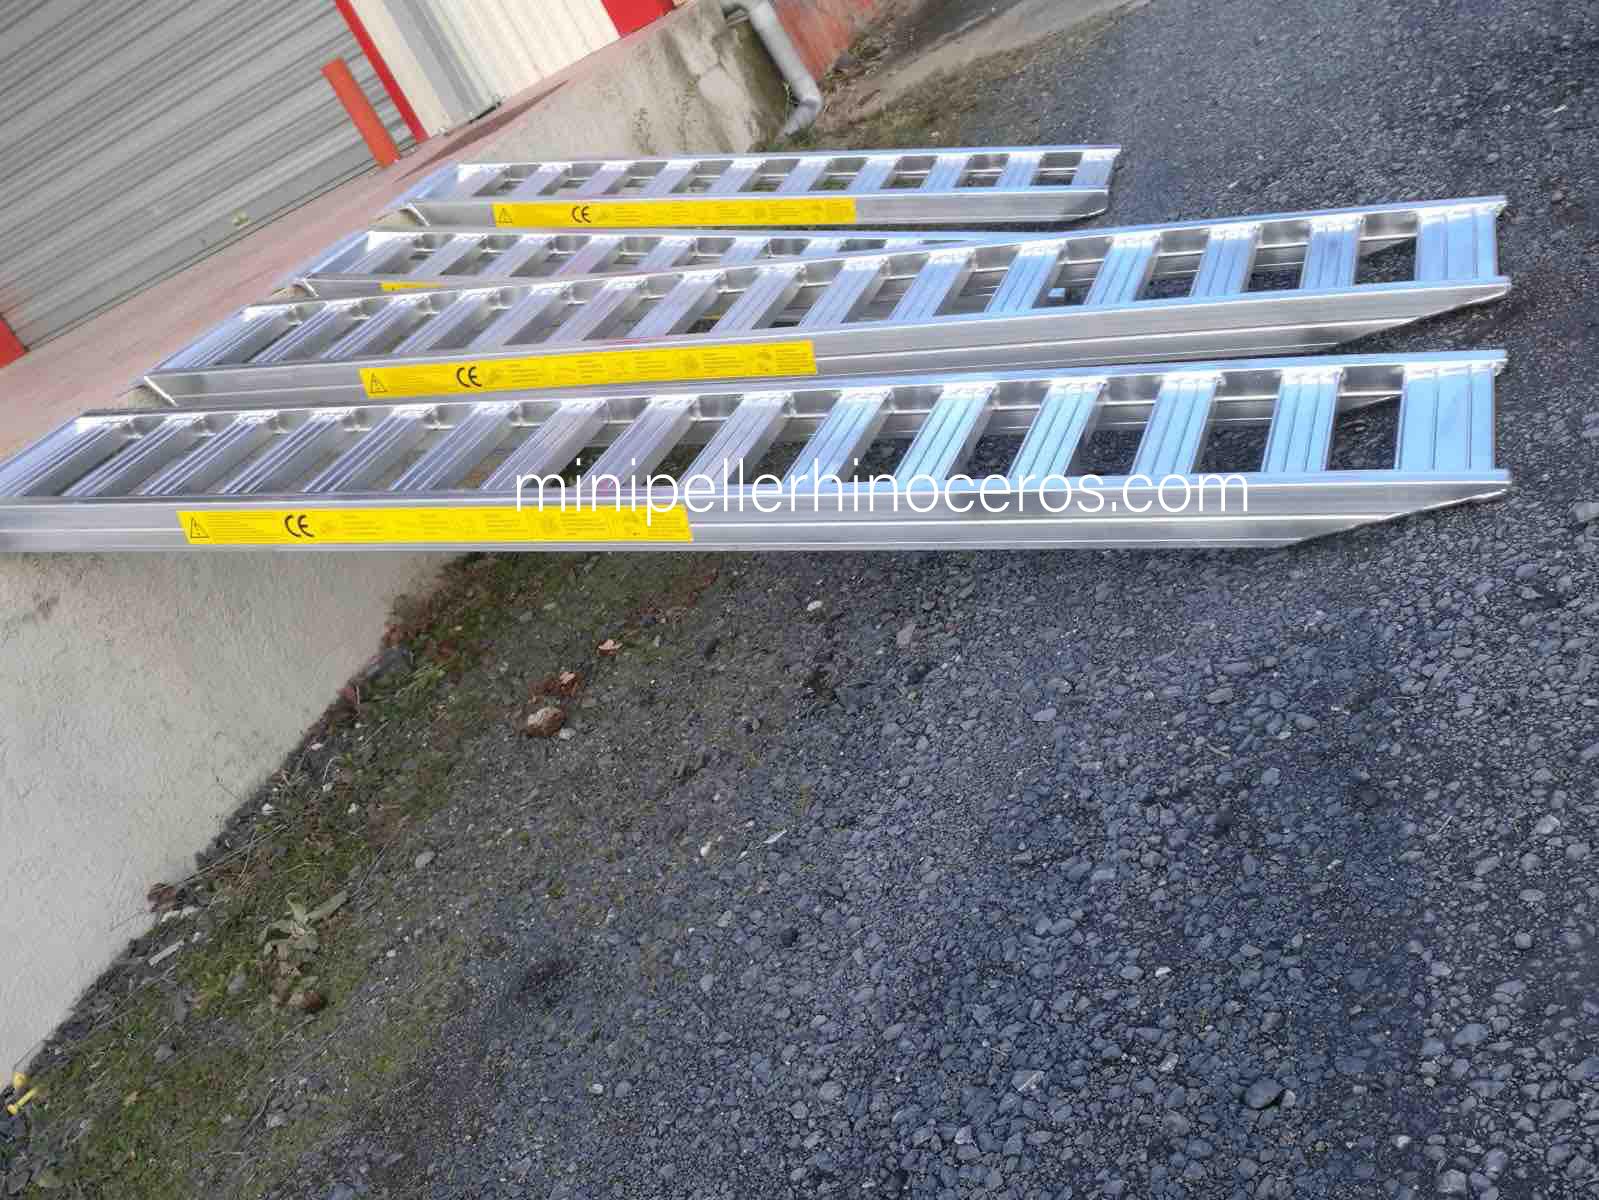 Beispiel für Aluminiumrampen für schwere Lasten